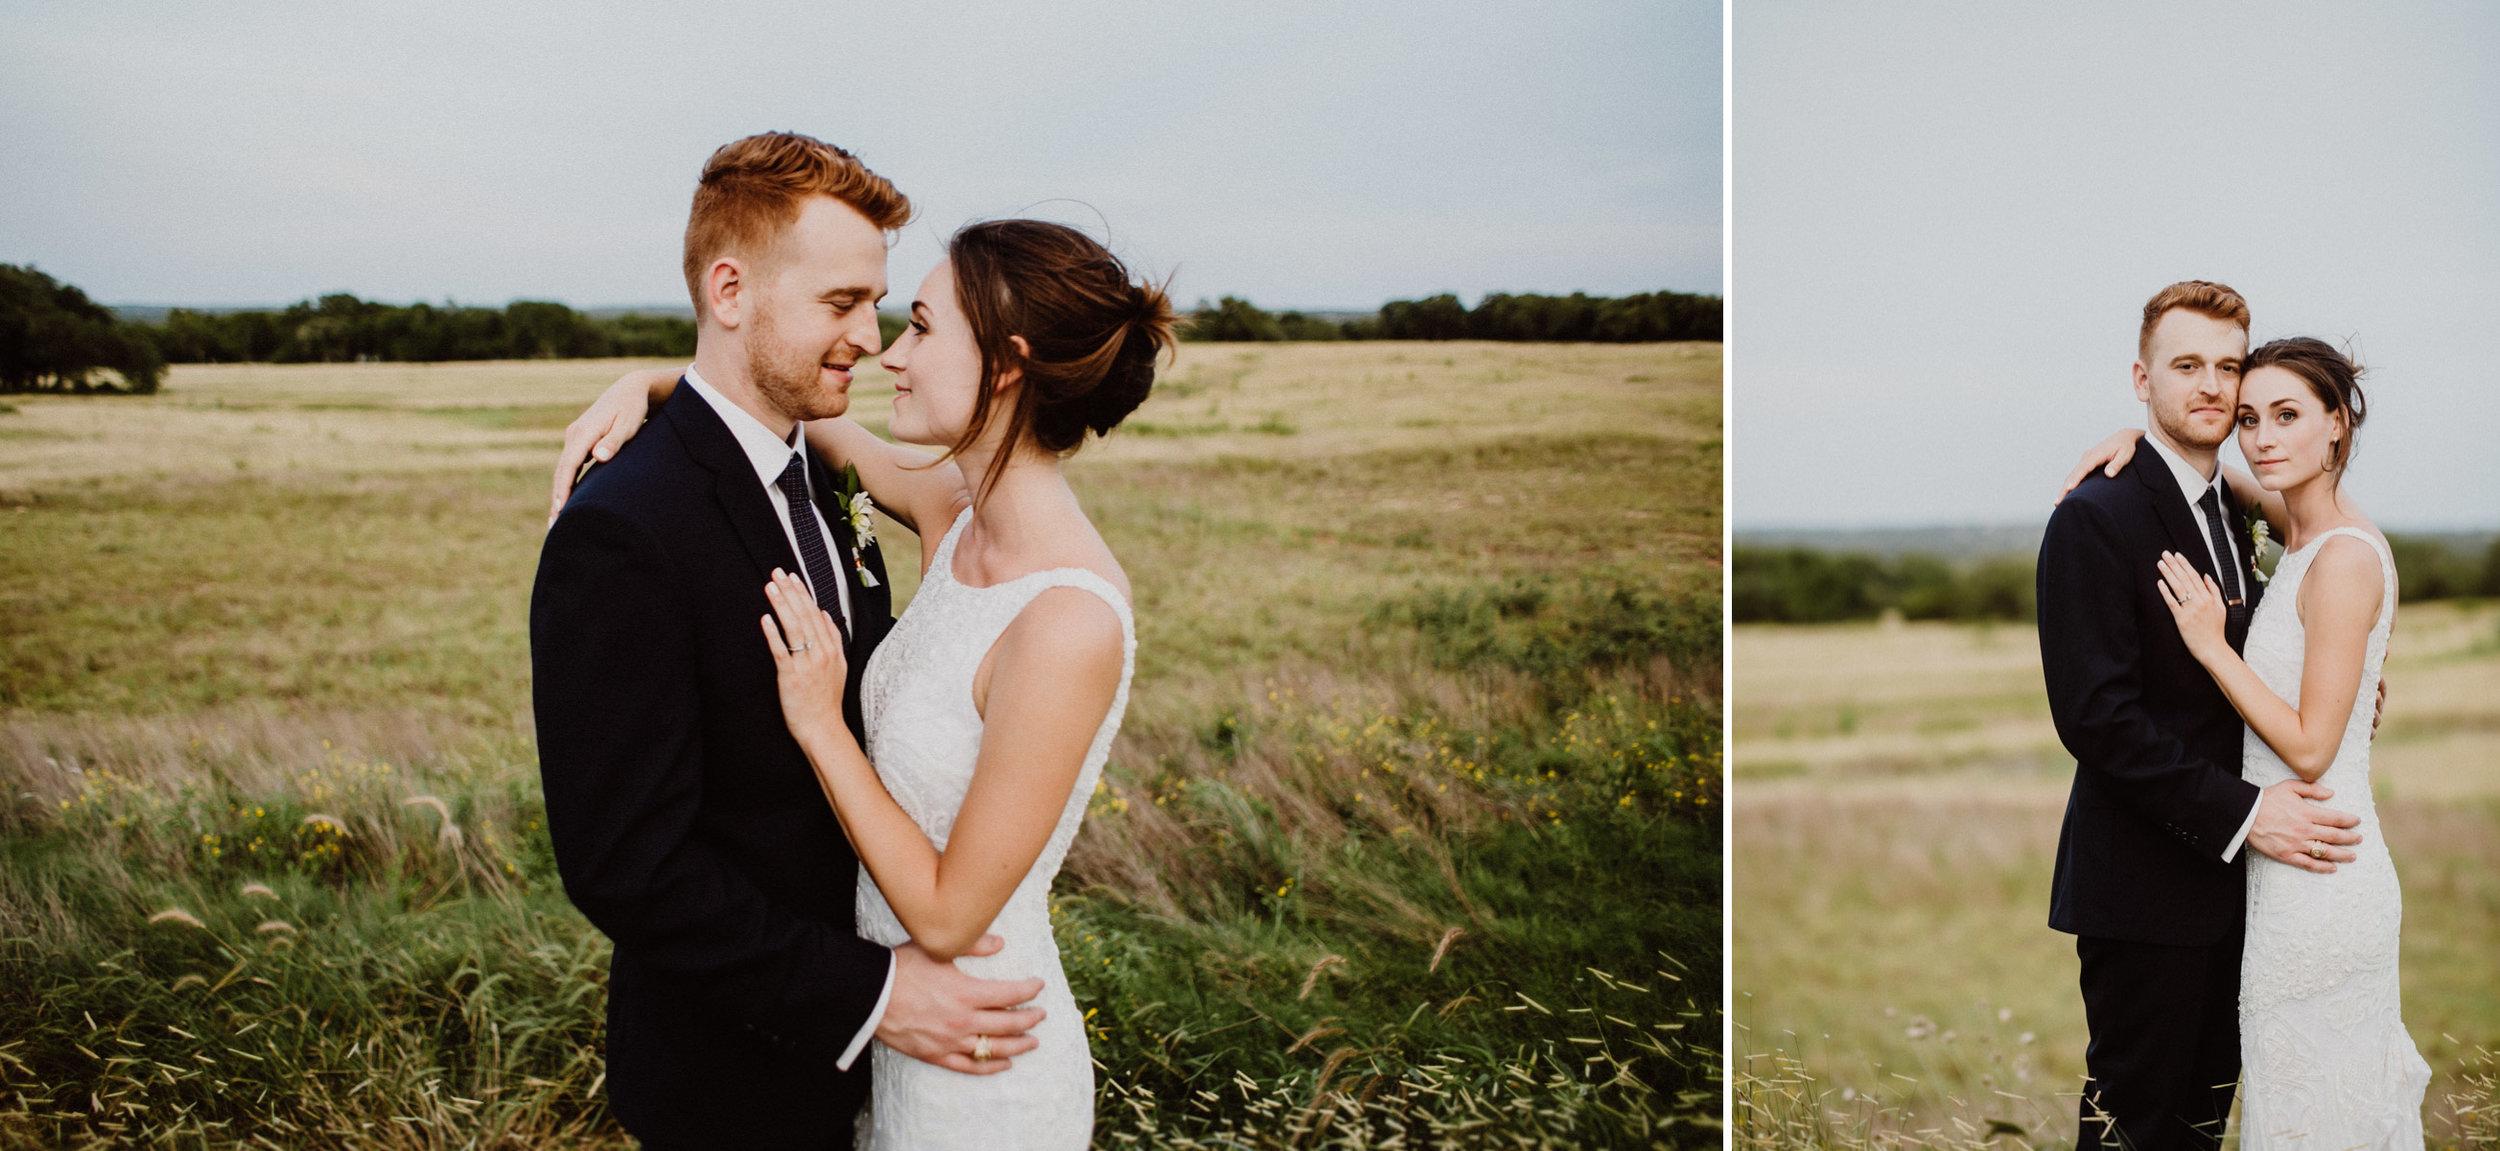 prospect-house-wedding-12jpg.jpg